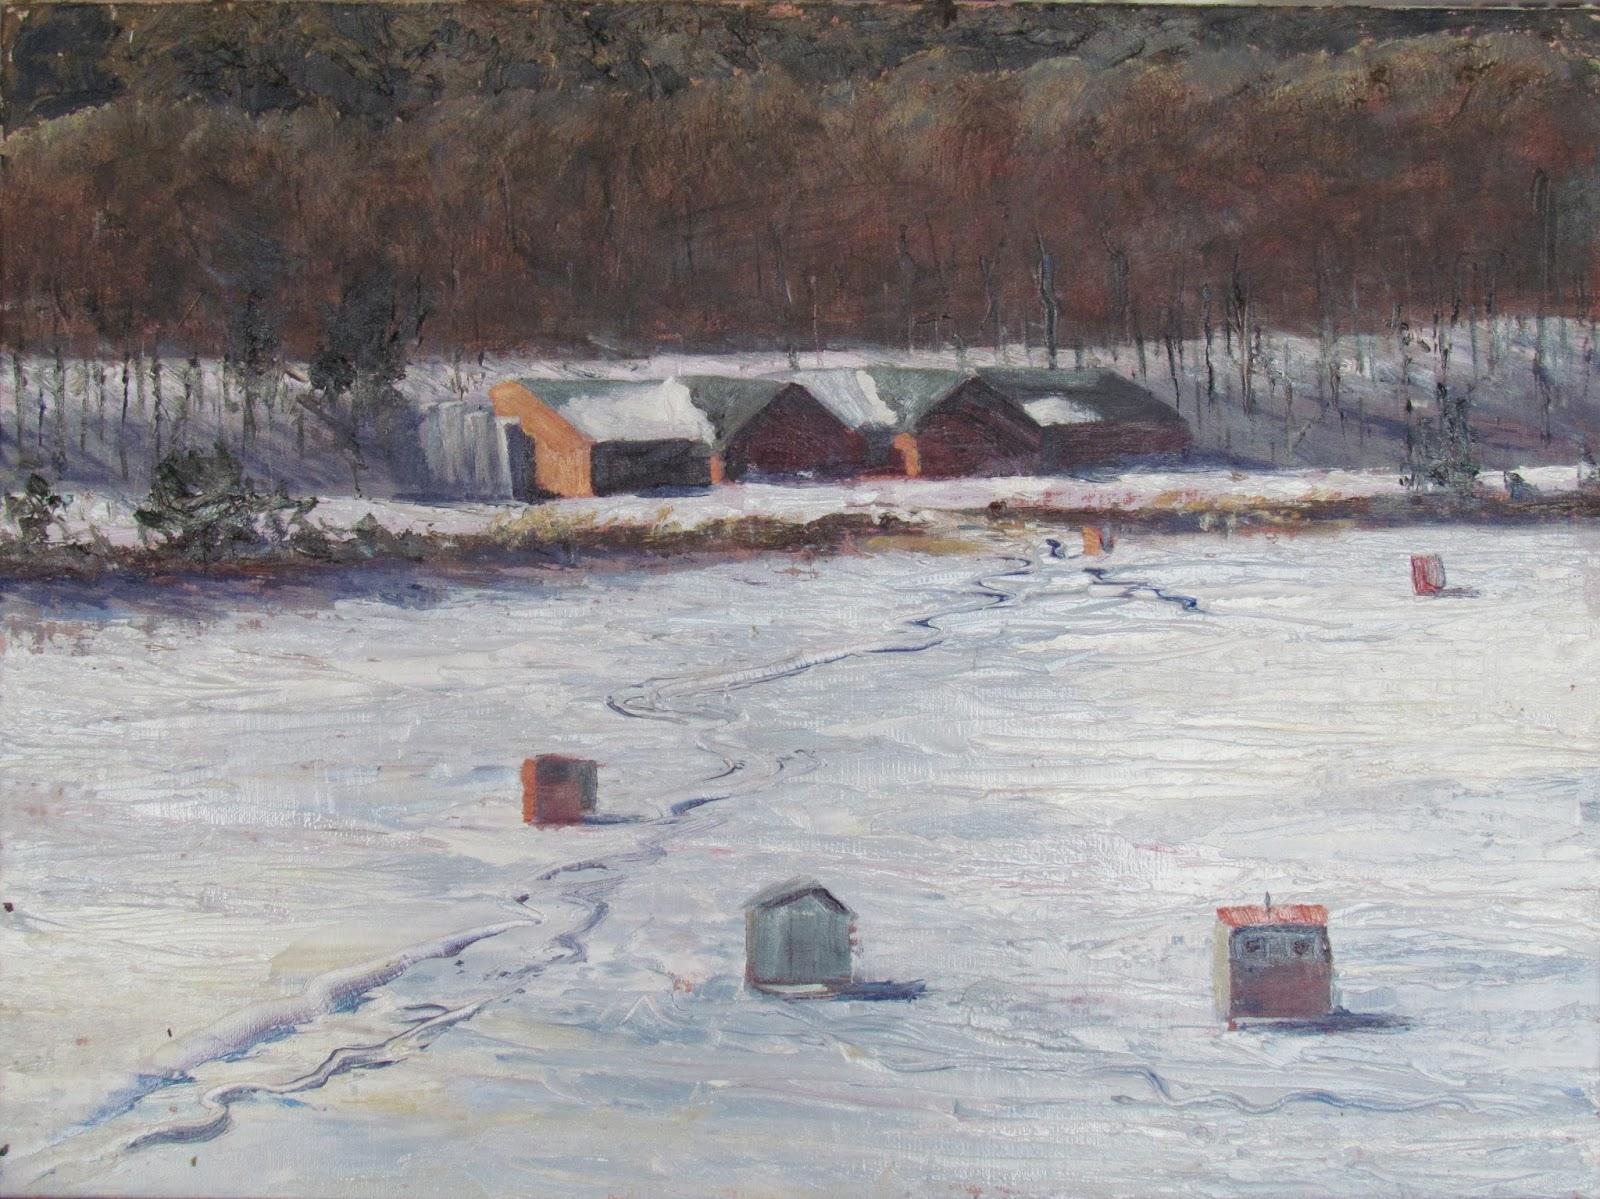 Vezina Art Ice Fishing Shanties In Brattleboro Vt